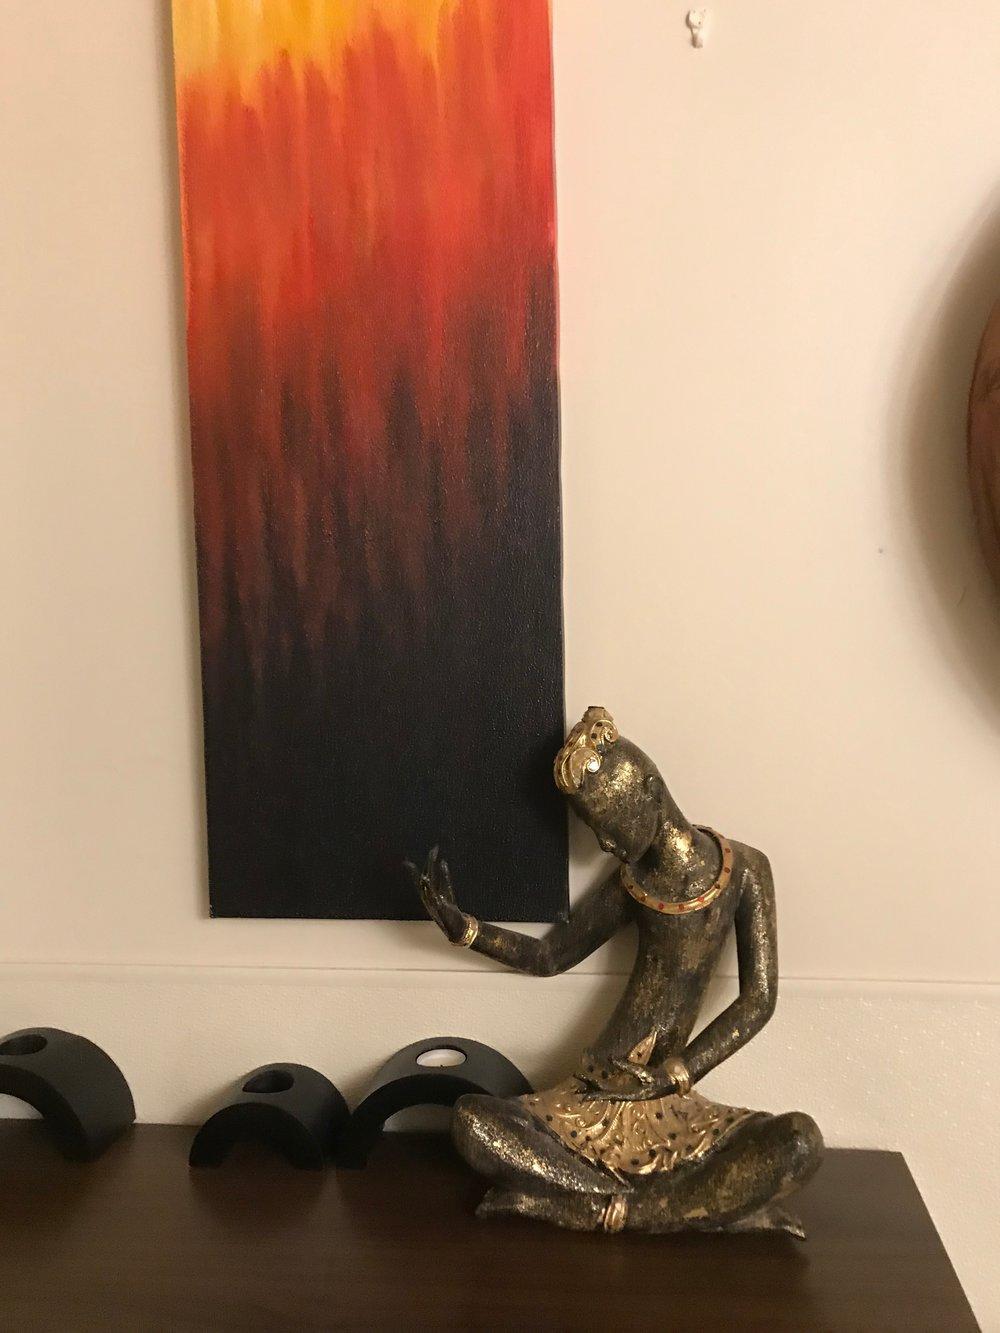 Thai Statue on table BR & painting.jpg*.jpg